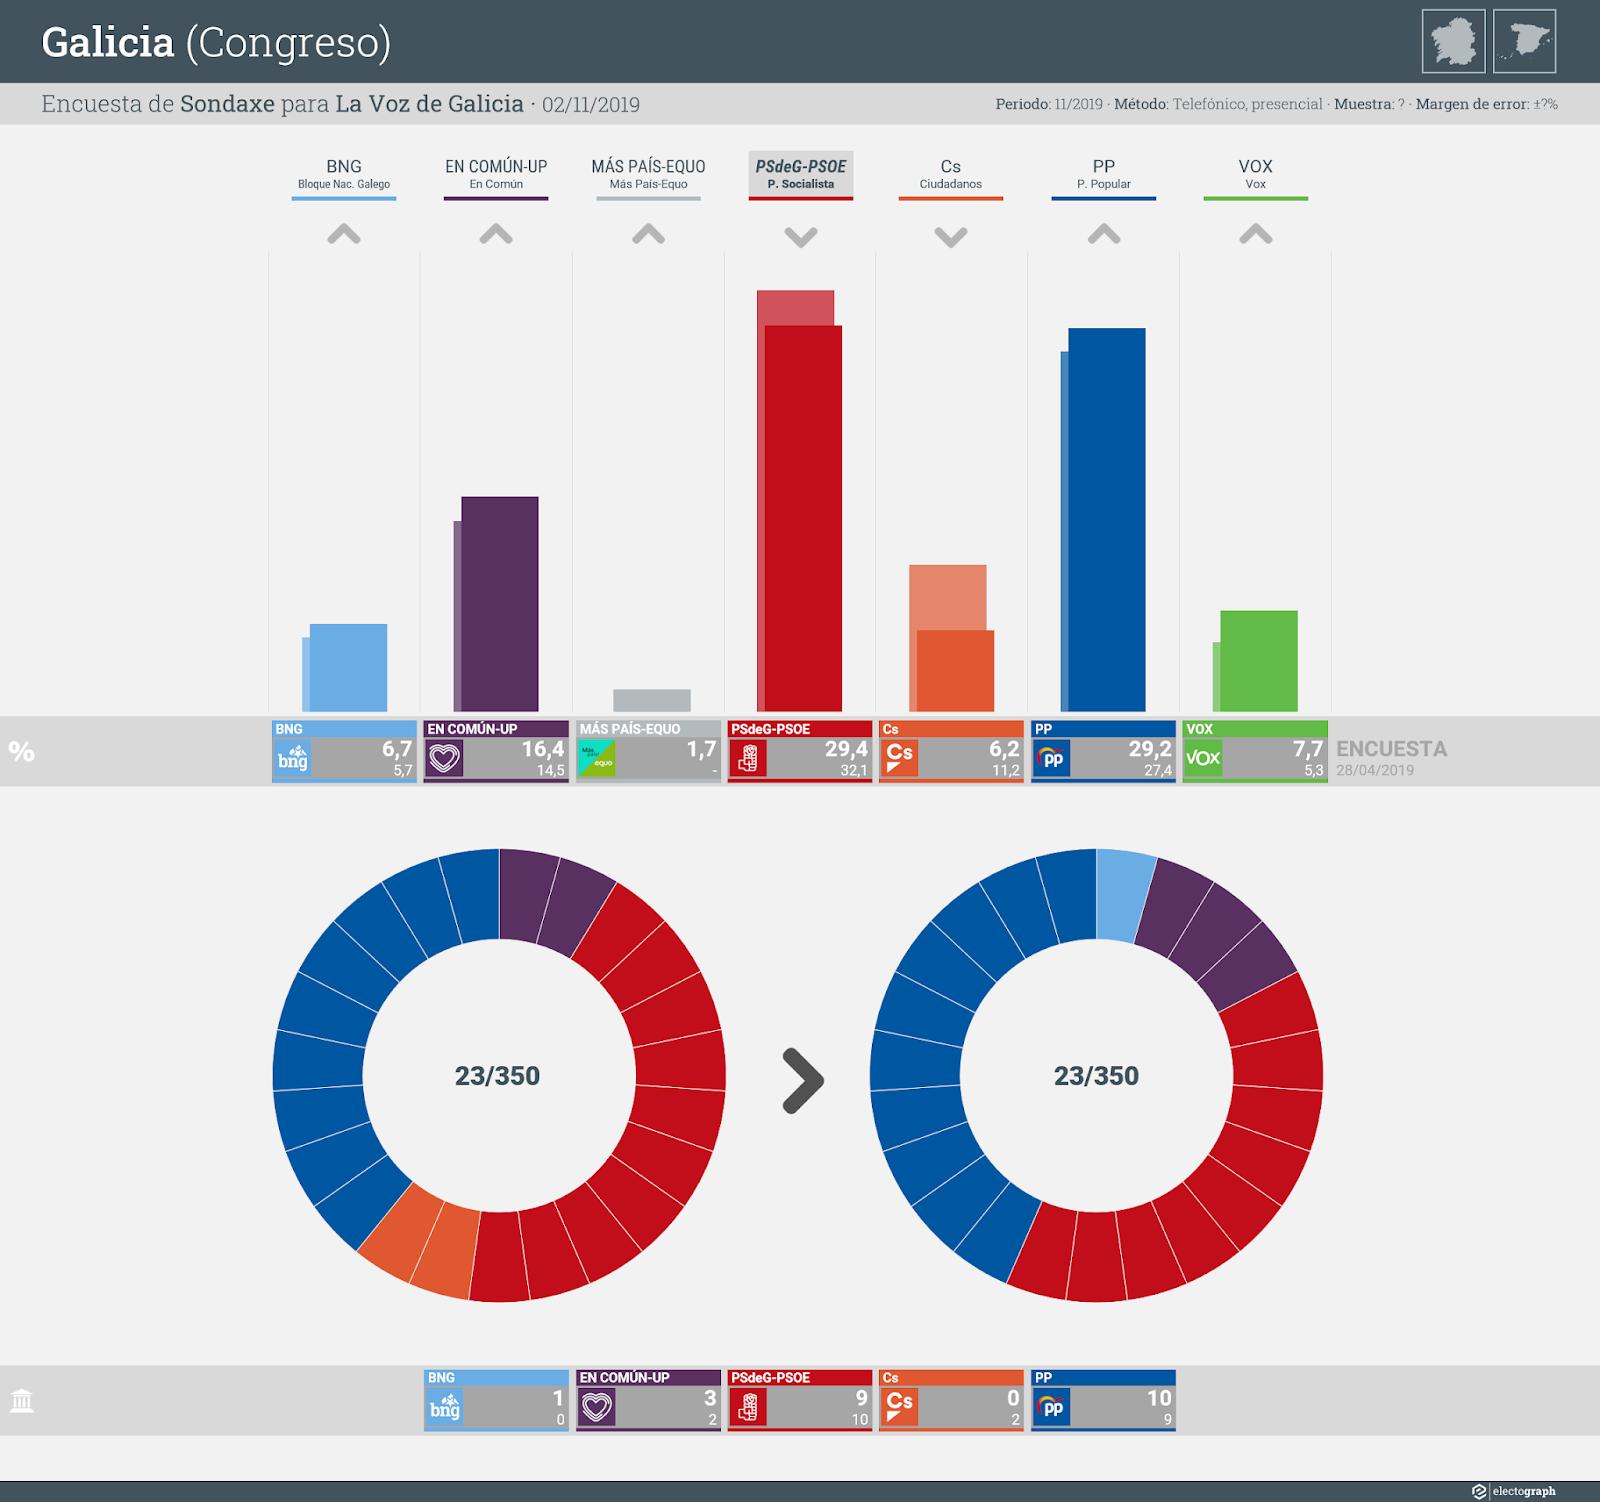 Gráfico de la encuesta para elecciones generales en Galicia realizada por Sondaxe para La Voz de Galicia, 2 de noviembre de 2019